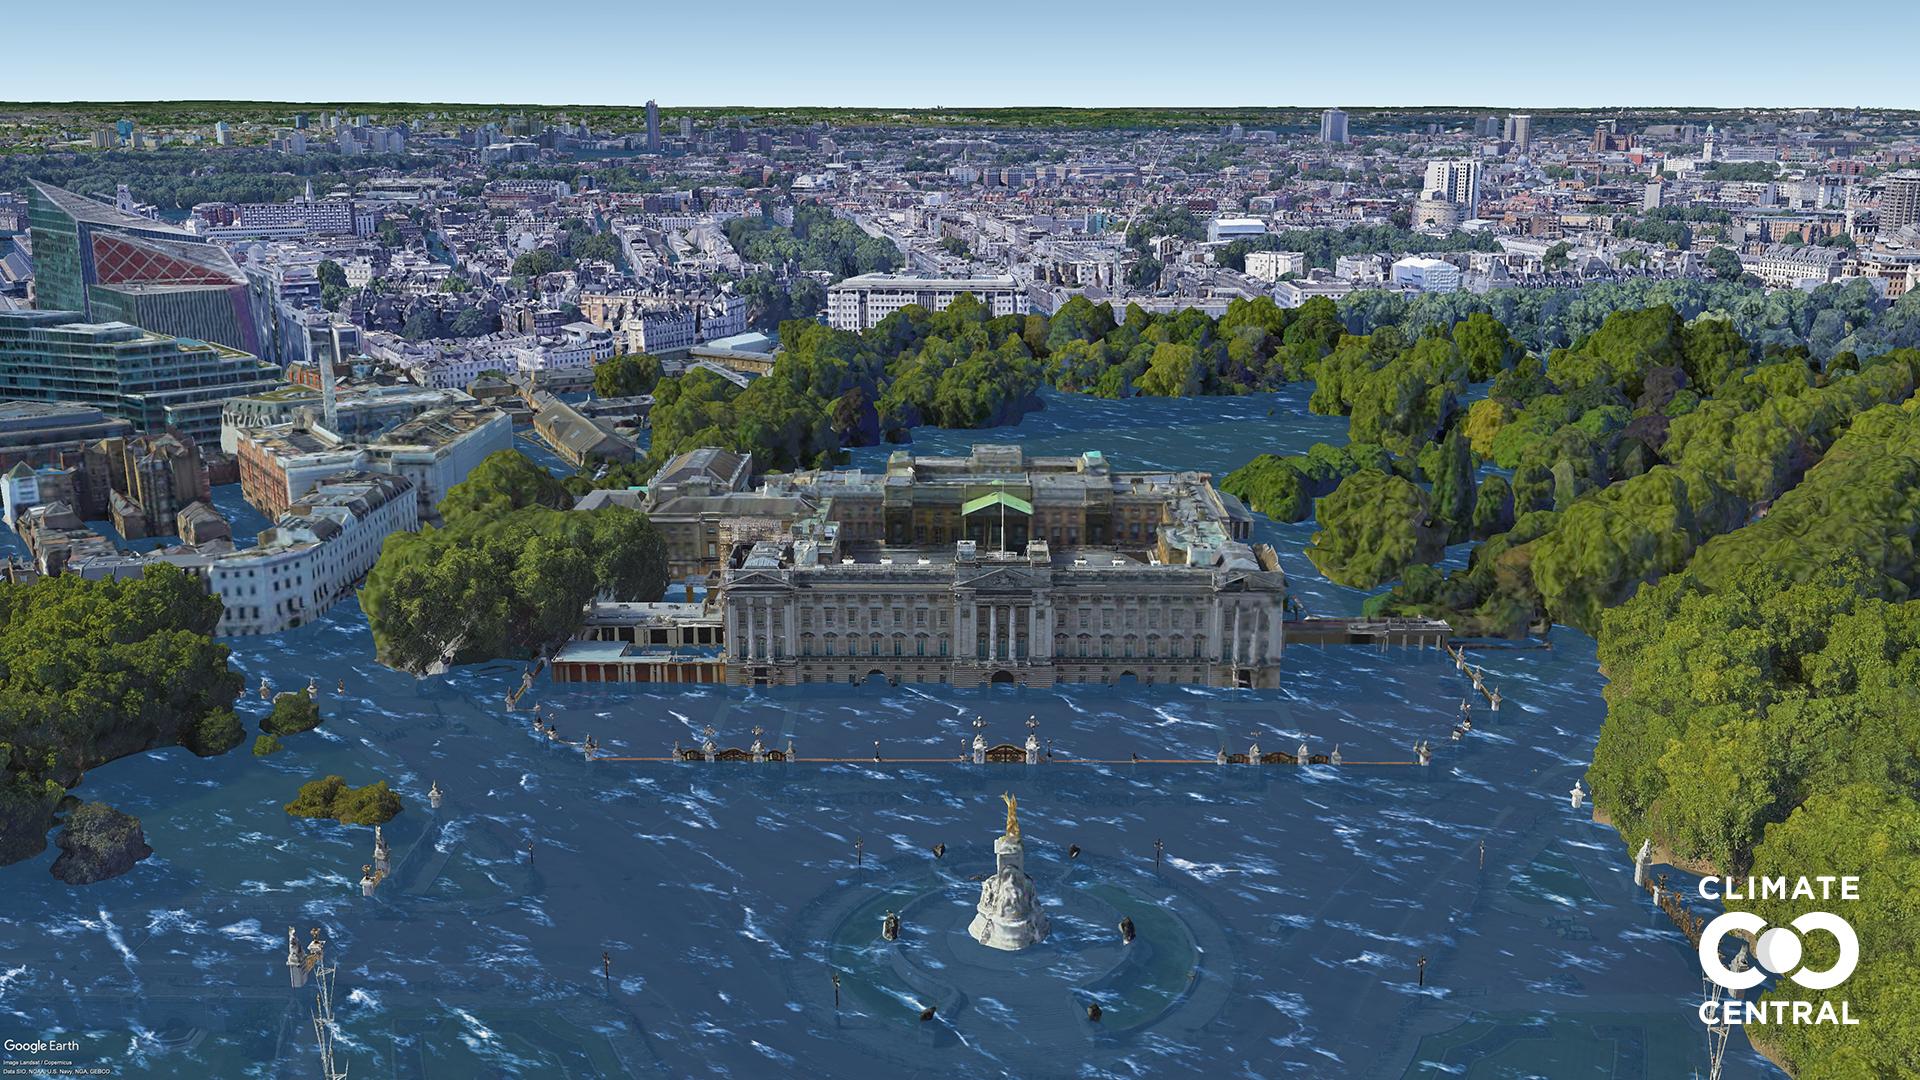 Các thành phố lớn sẽ thế nào nếu Trái đất tăng thêm 3 độ C? - ảnh 10